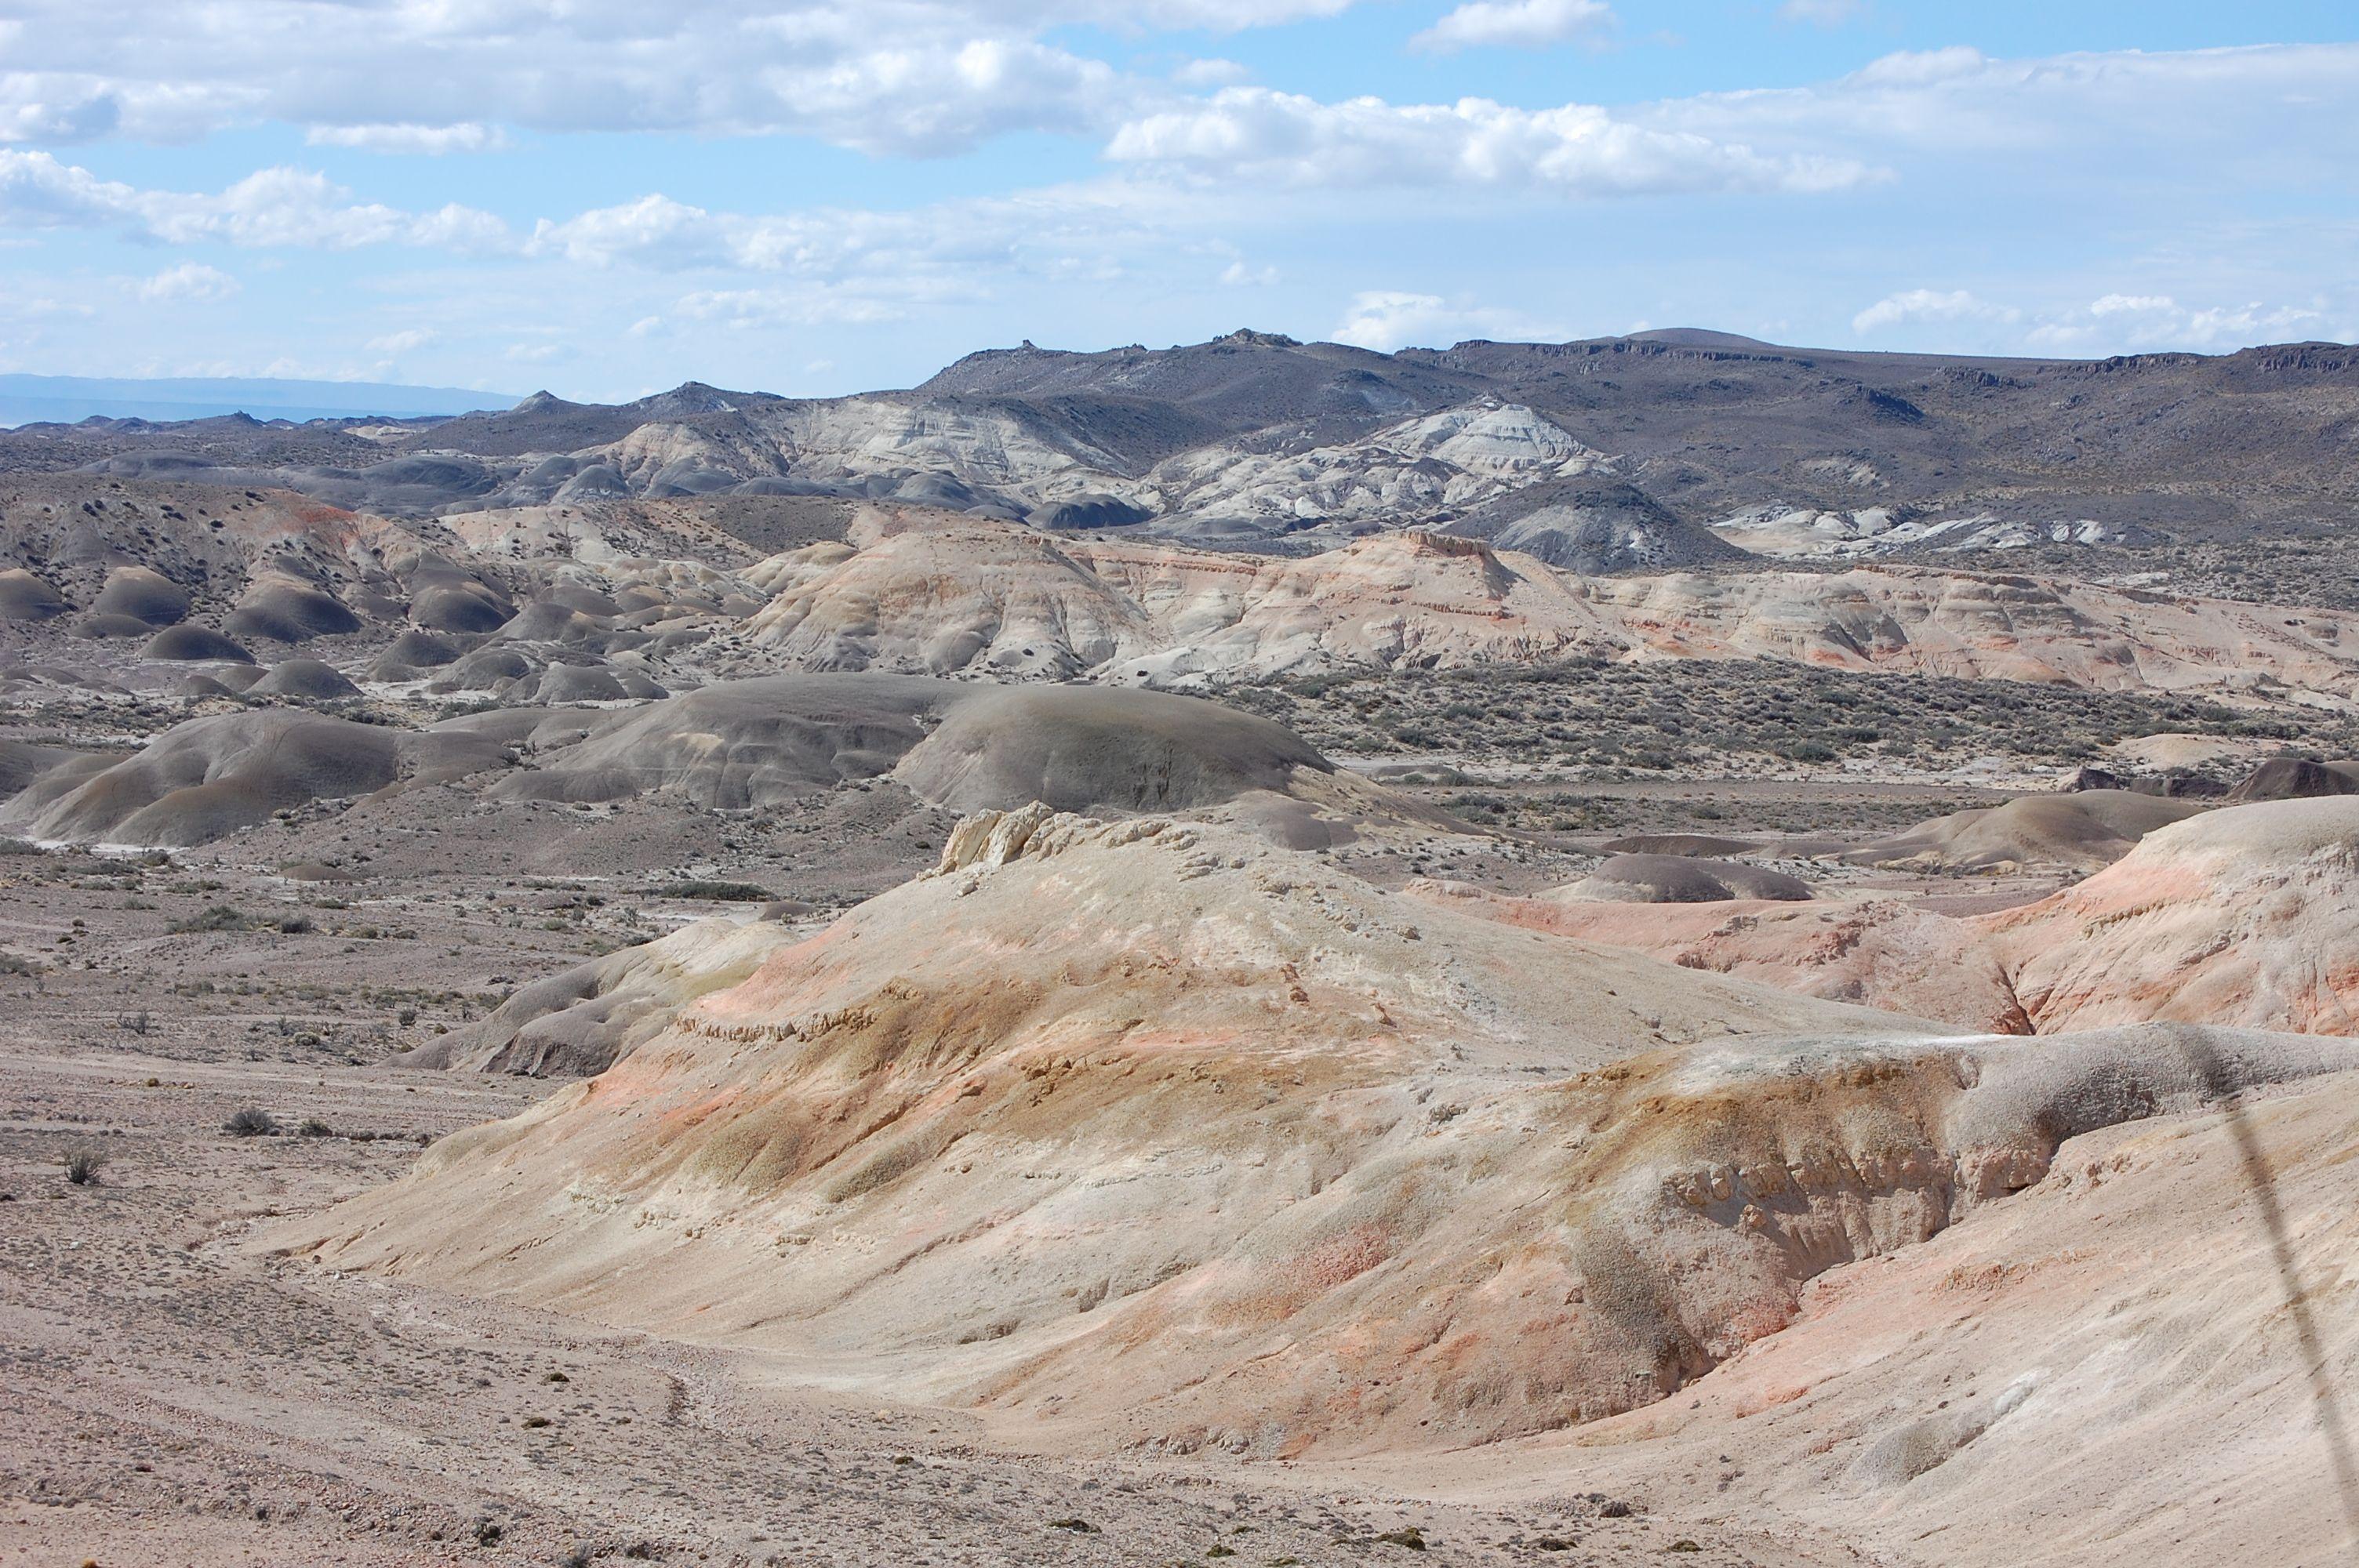 Valle de la luna - Ruta 26 - Argentina.